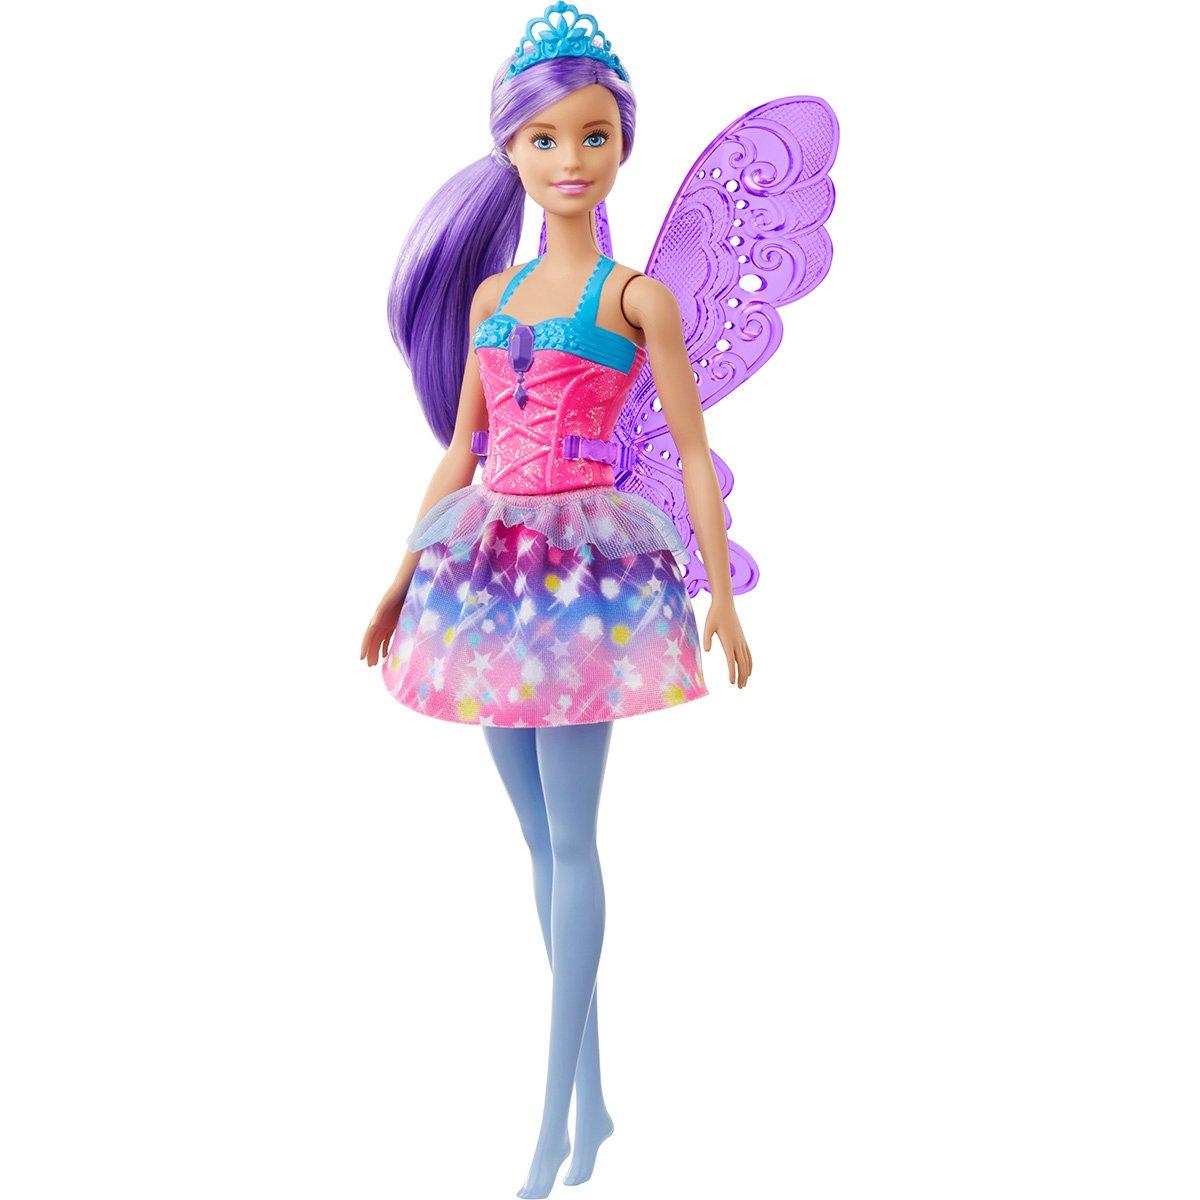 Papusa Barbie Dreamtopia, Zana